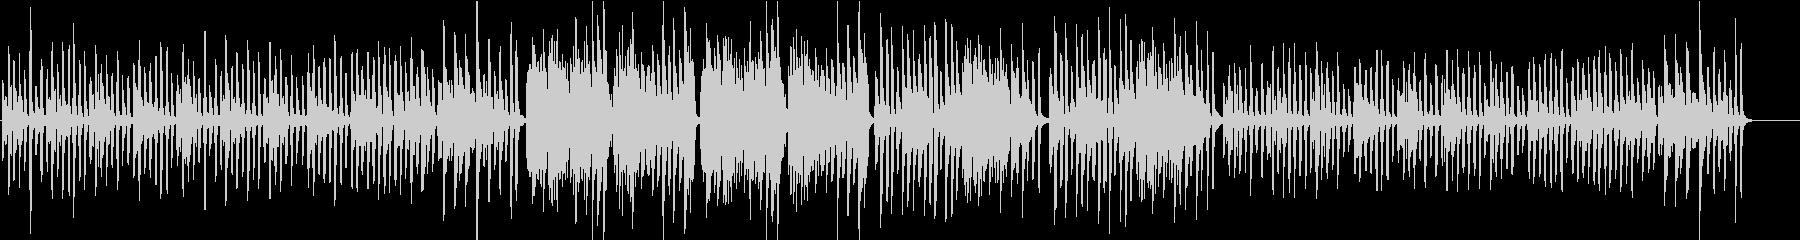 ゴセック/ガヴォット/へたっぴバイオリンの未再生の波形